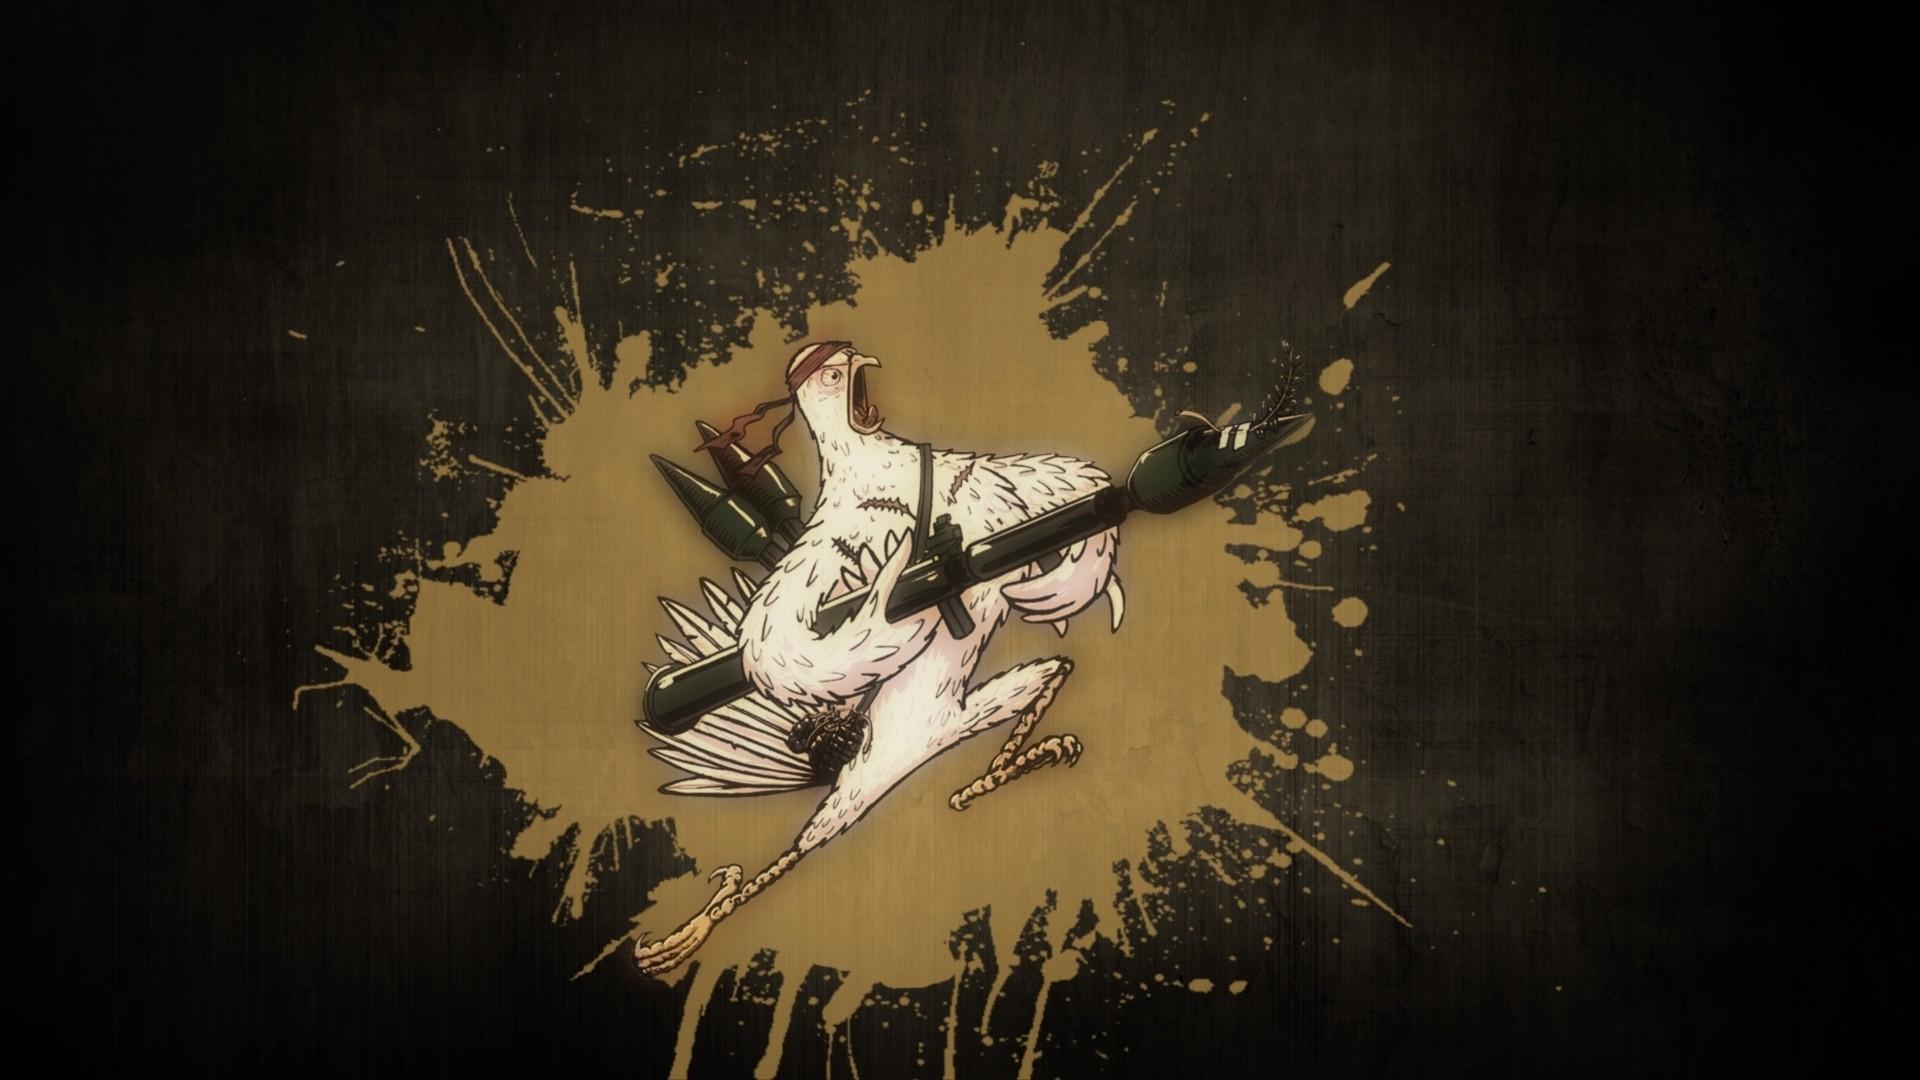 Funny Chicken Wallpaper - WallpaperSafari